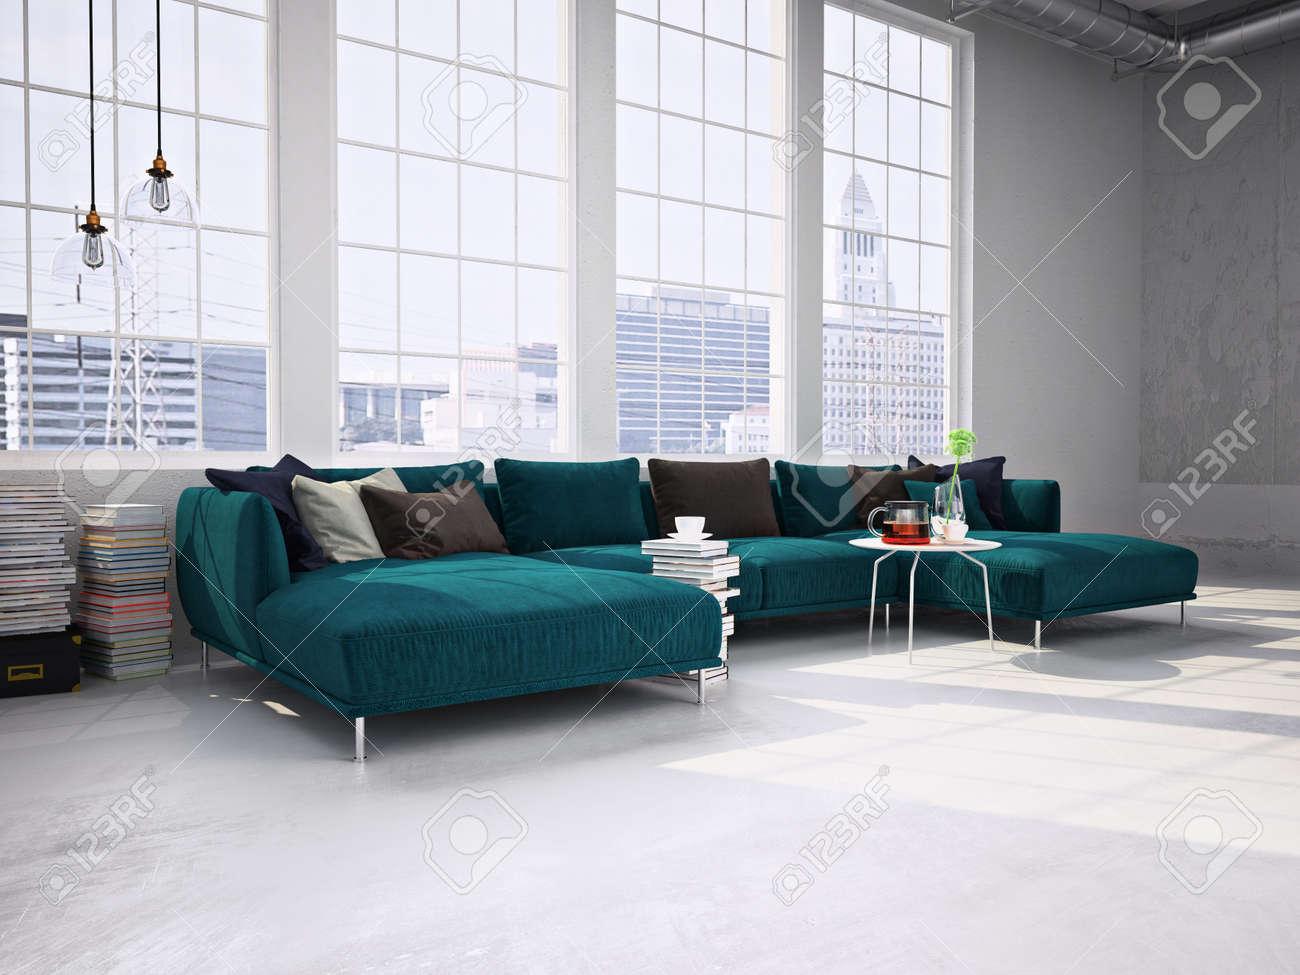 Beau Banque Du0027images   Salon Moderne Avec De Grandes Fenêtres, Un Canapé Moderne.  Rendu 3d